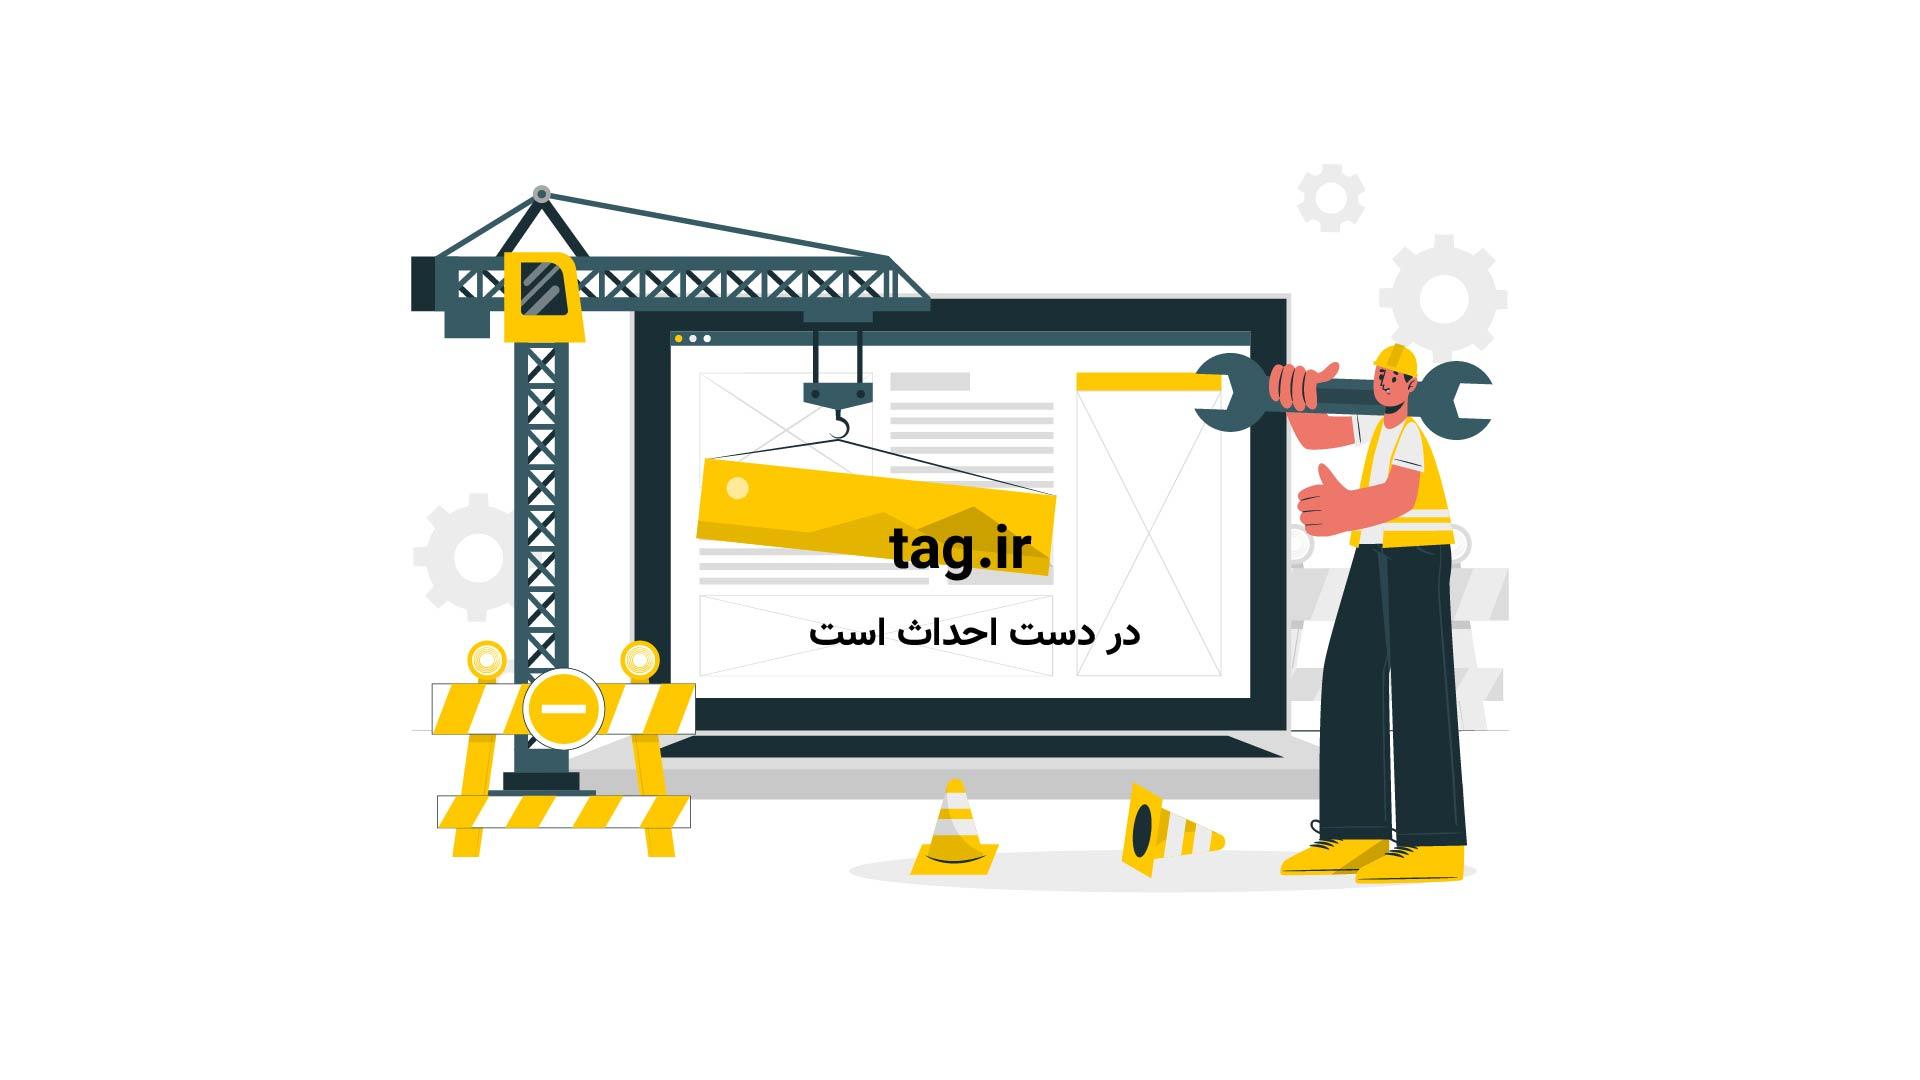 نوحه قدیمی و خاطره انگیز حاج محمود کریمی؛ کربلا یعنی تولا داشتن + فیلم